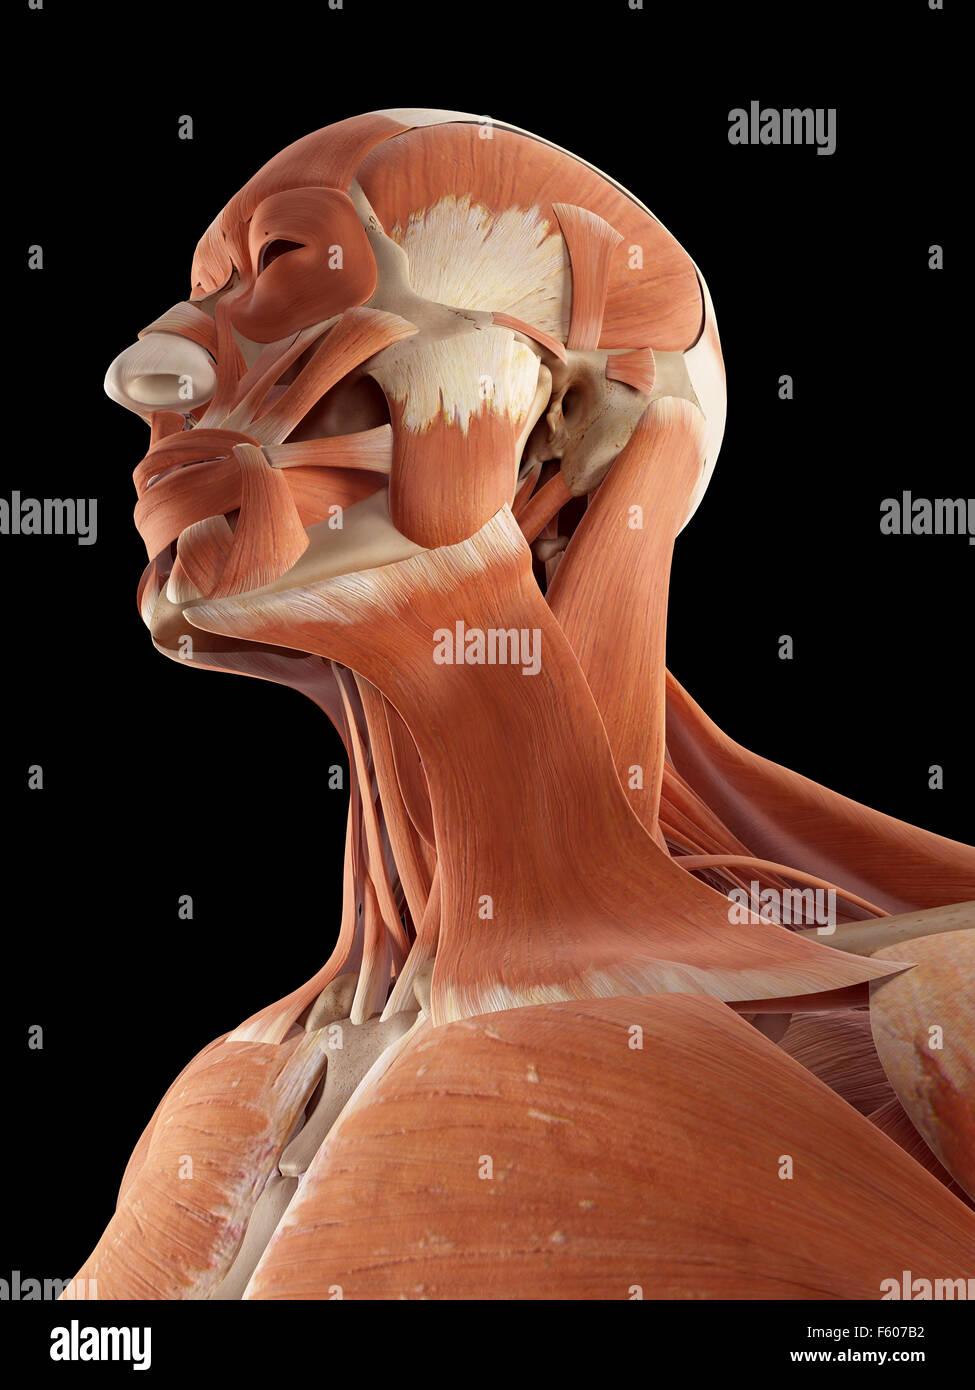 Berühmt Muskeln Im Nacken Diagramm Fotos - Menschliche Anatomie ...